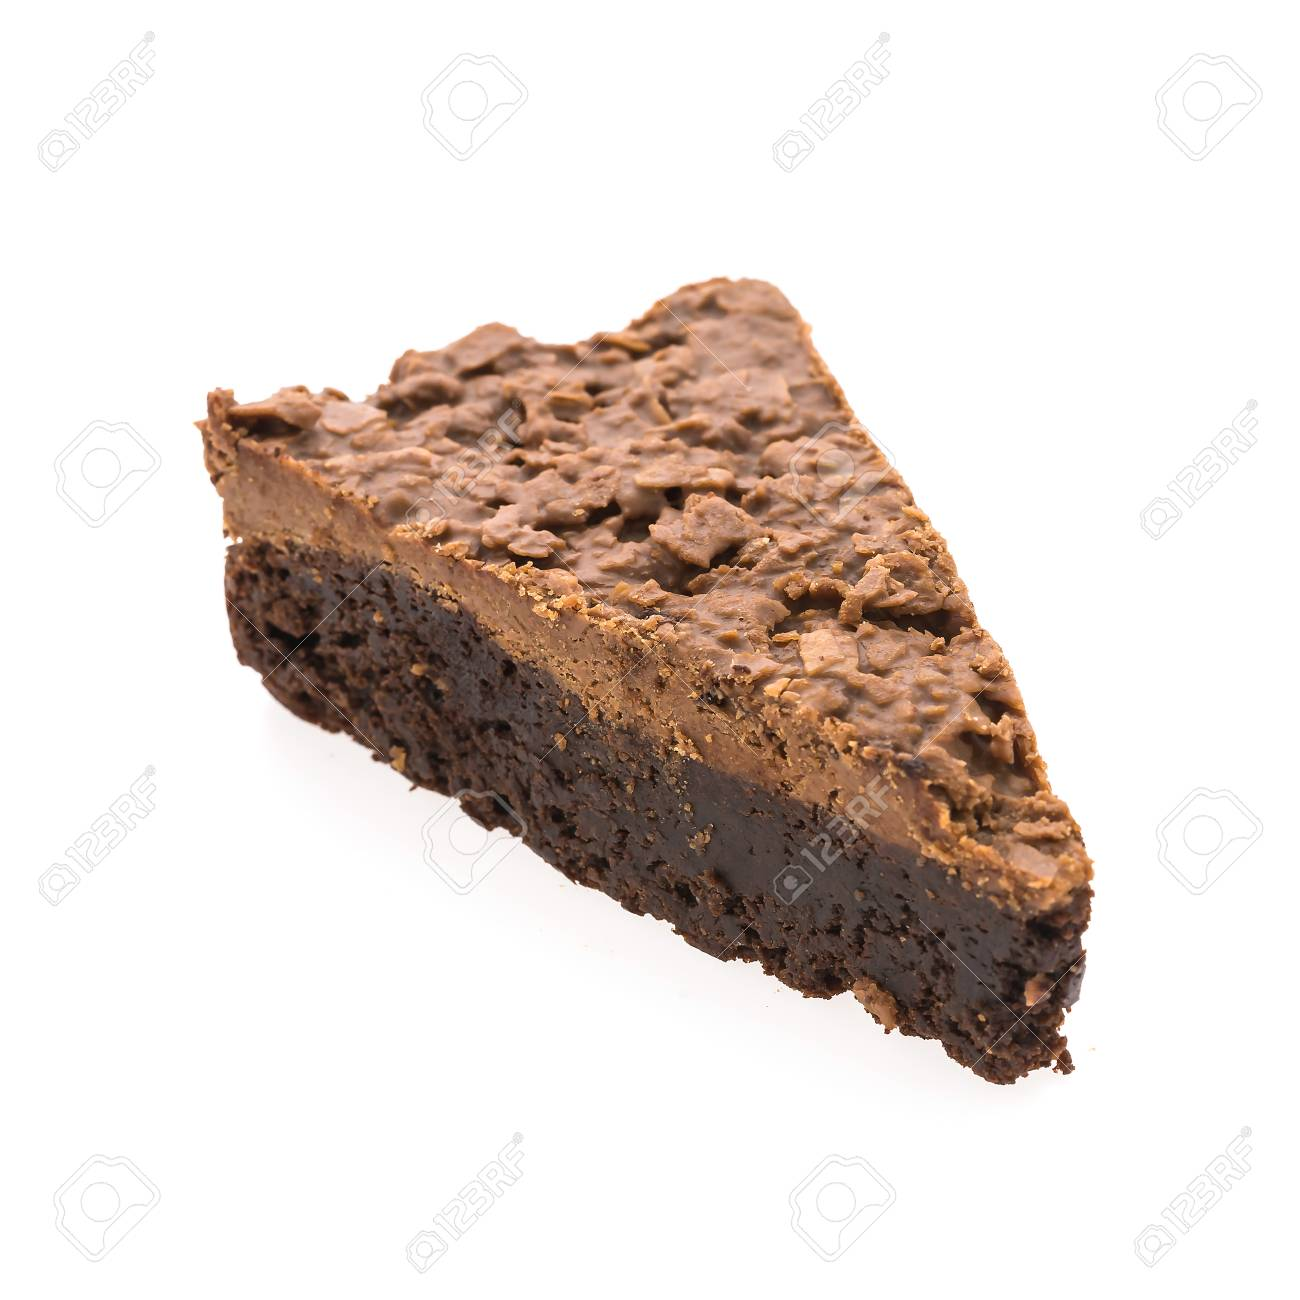 Schokolade Brownie Kuchen Isoliert Auf Weissem Hintergrund